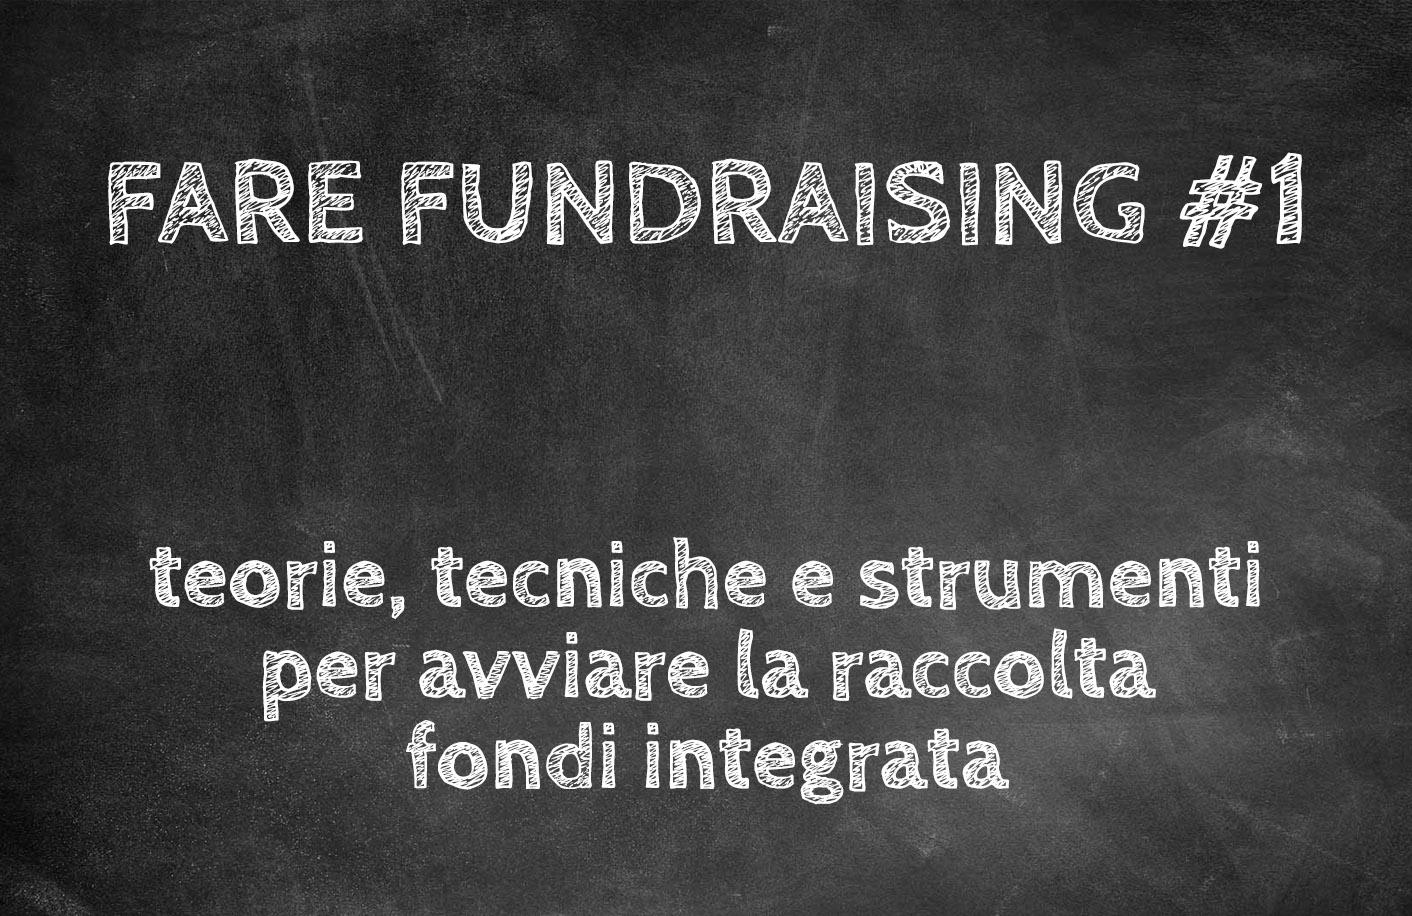 FARE FUNDRAISING #1: teorie, tecniche e strumenti per avviare la raccolta fondi integrata